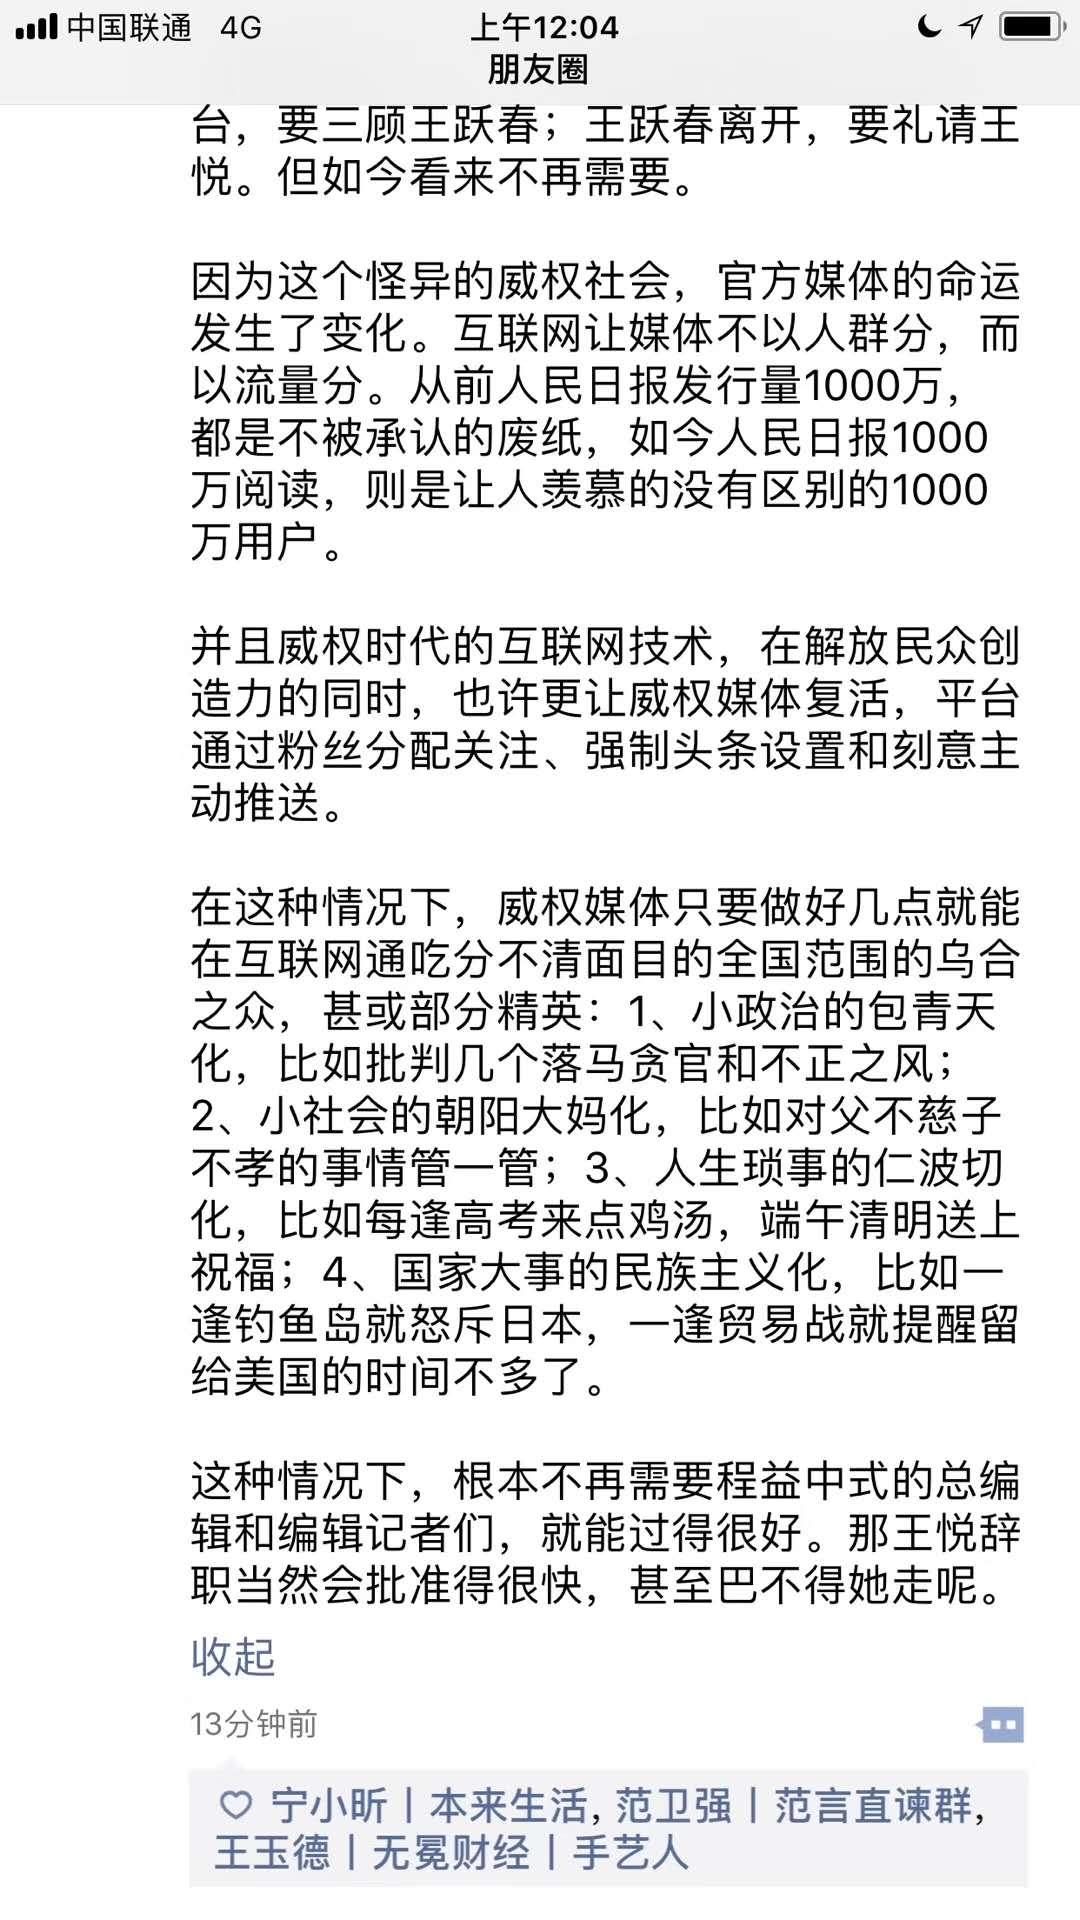 """【朋友圈】""""威权时代""""互联网让""""威权媒体""""复活"""